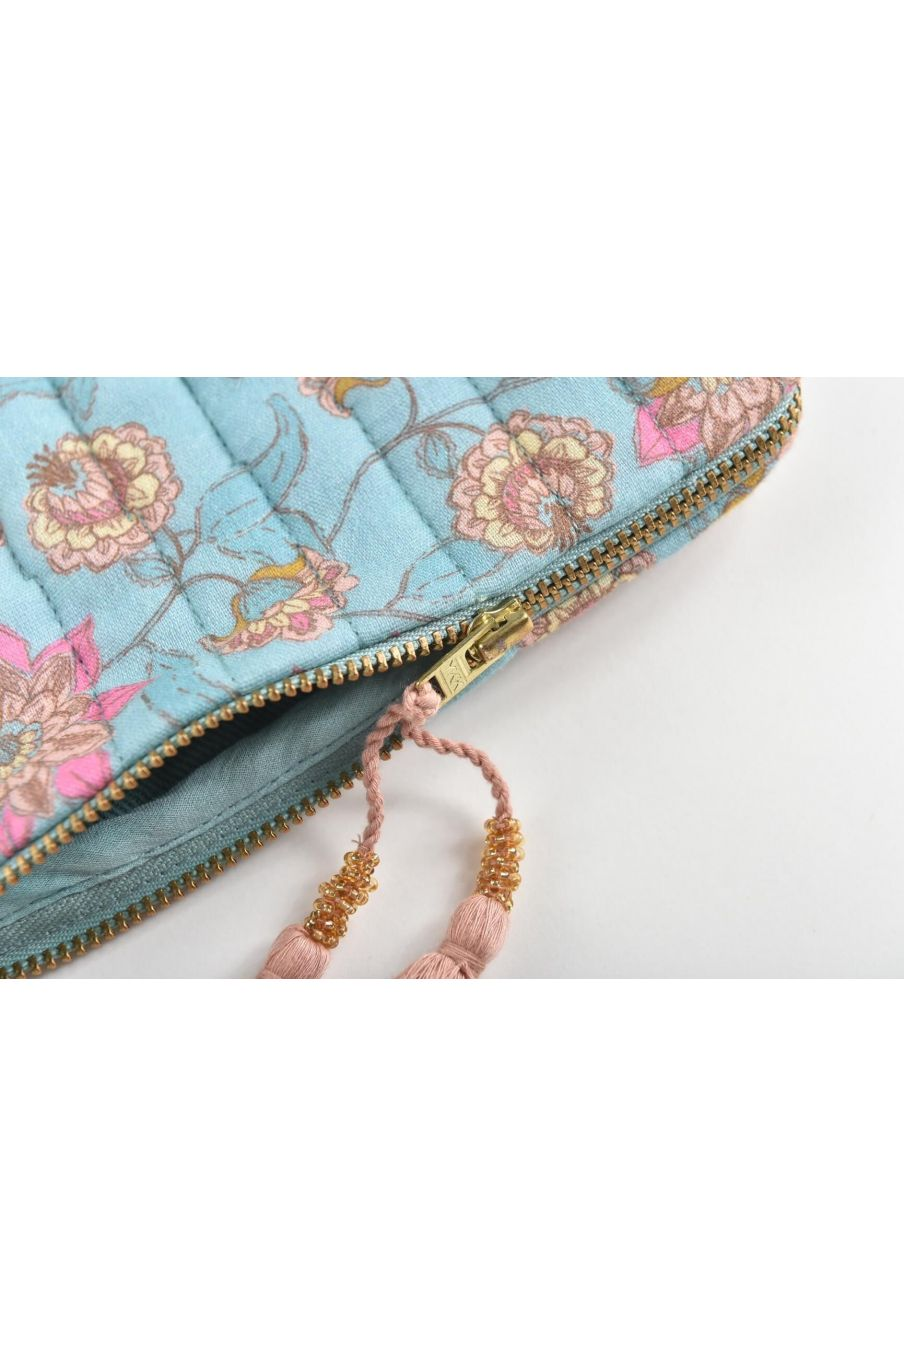 boheme chic vintage trousse de voyage maison mila turquoise flowers